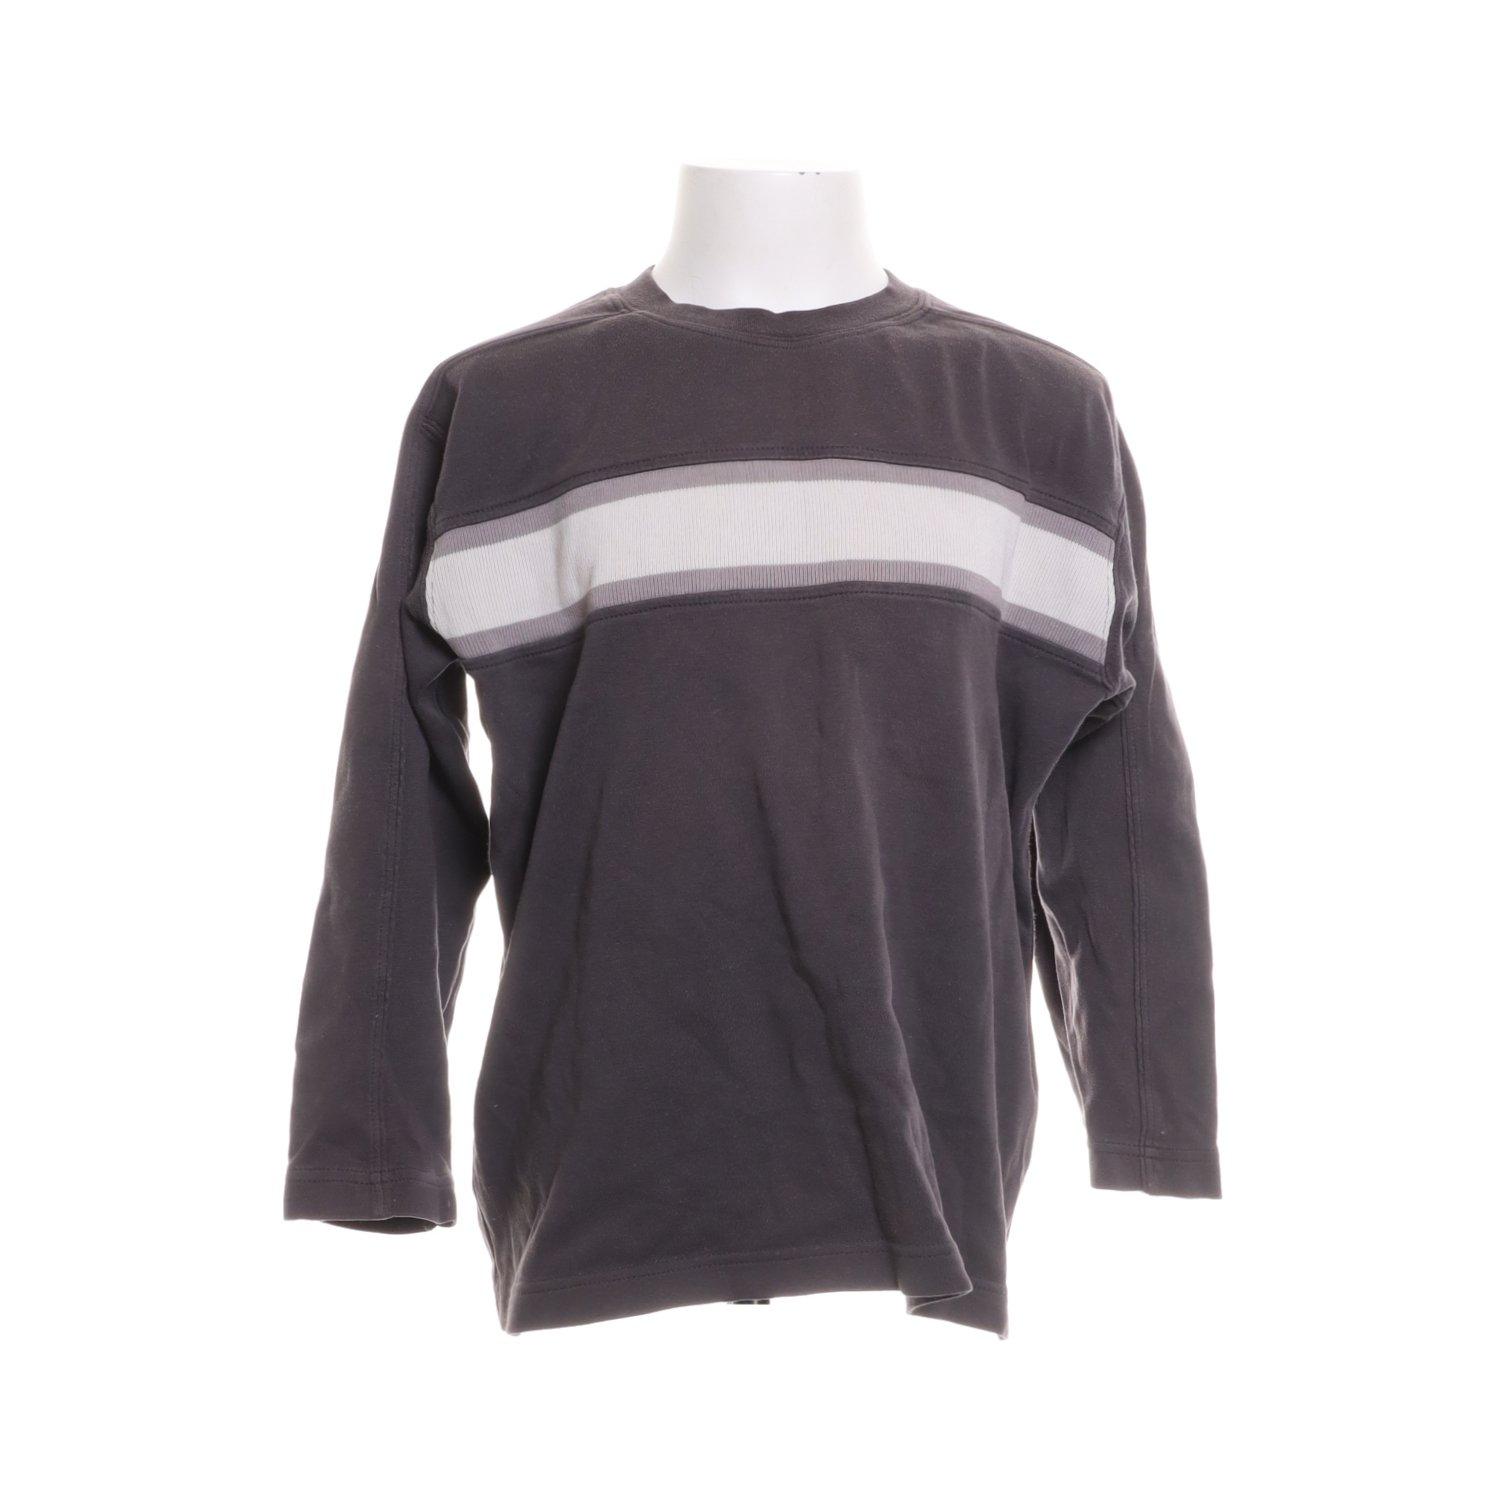 Kaxs By Kappahl, Långärmad T shirt, Strl: 122, GråVit, Bomull